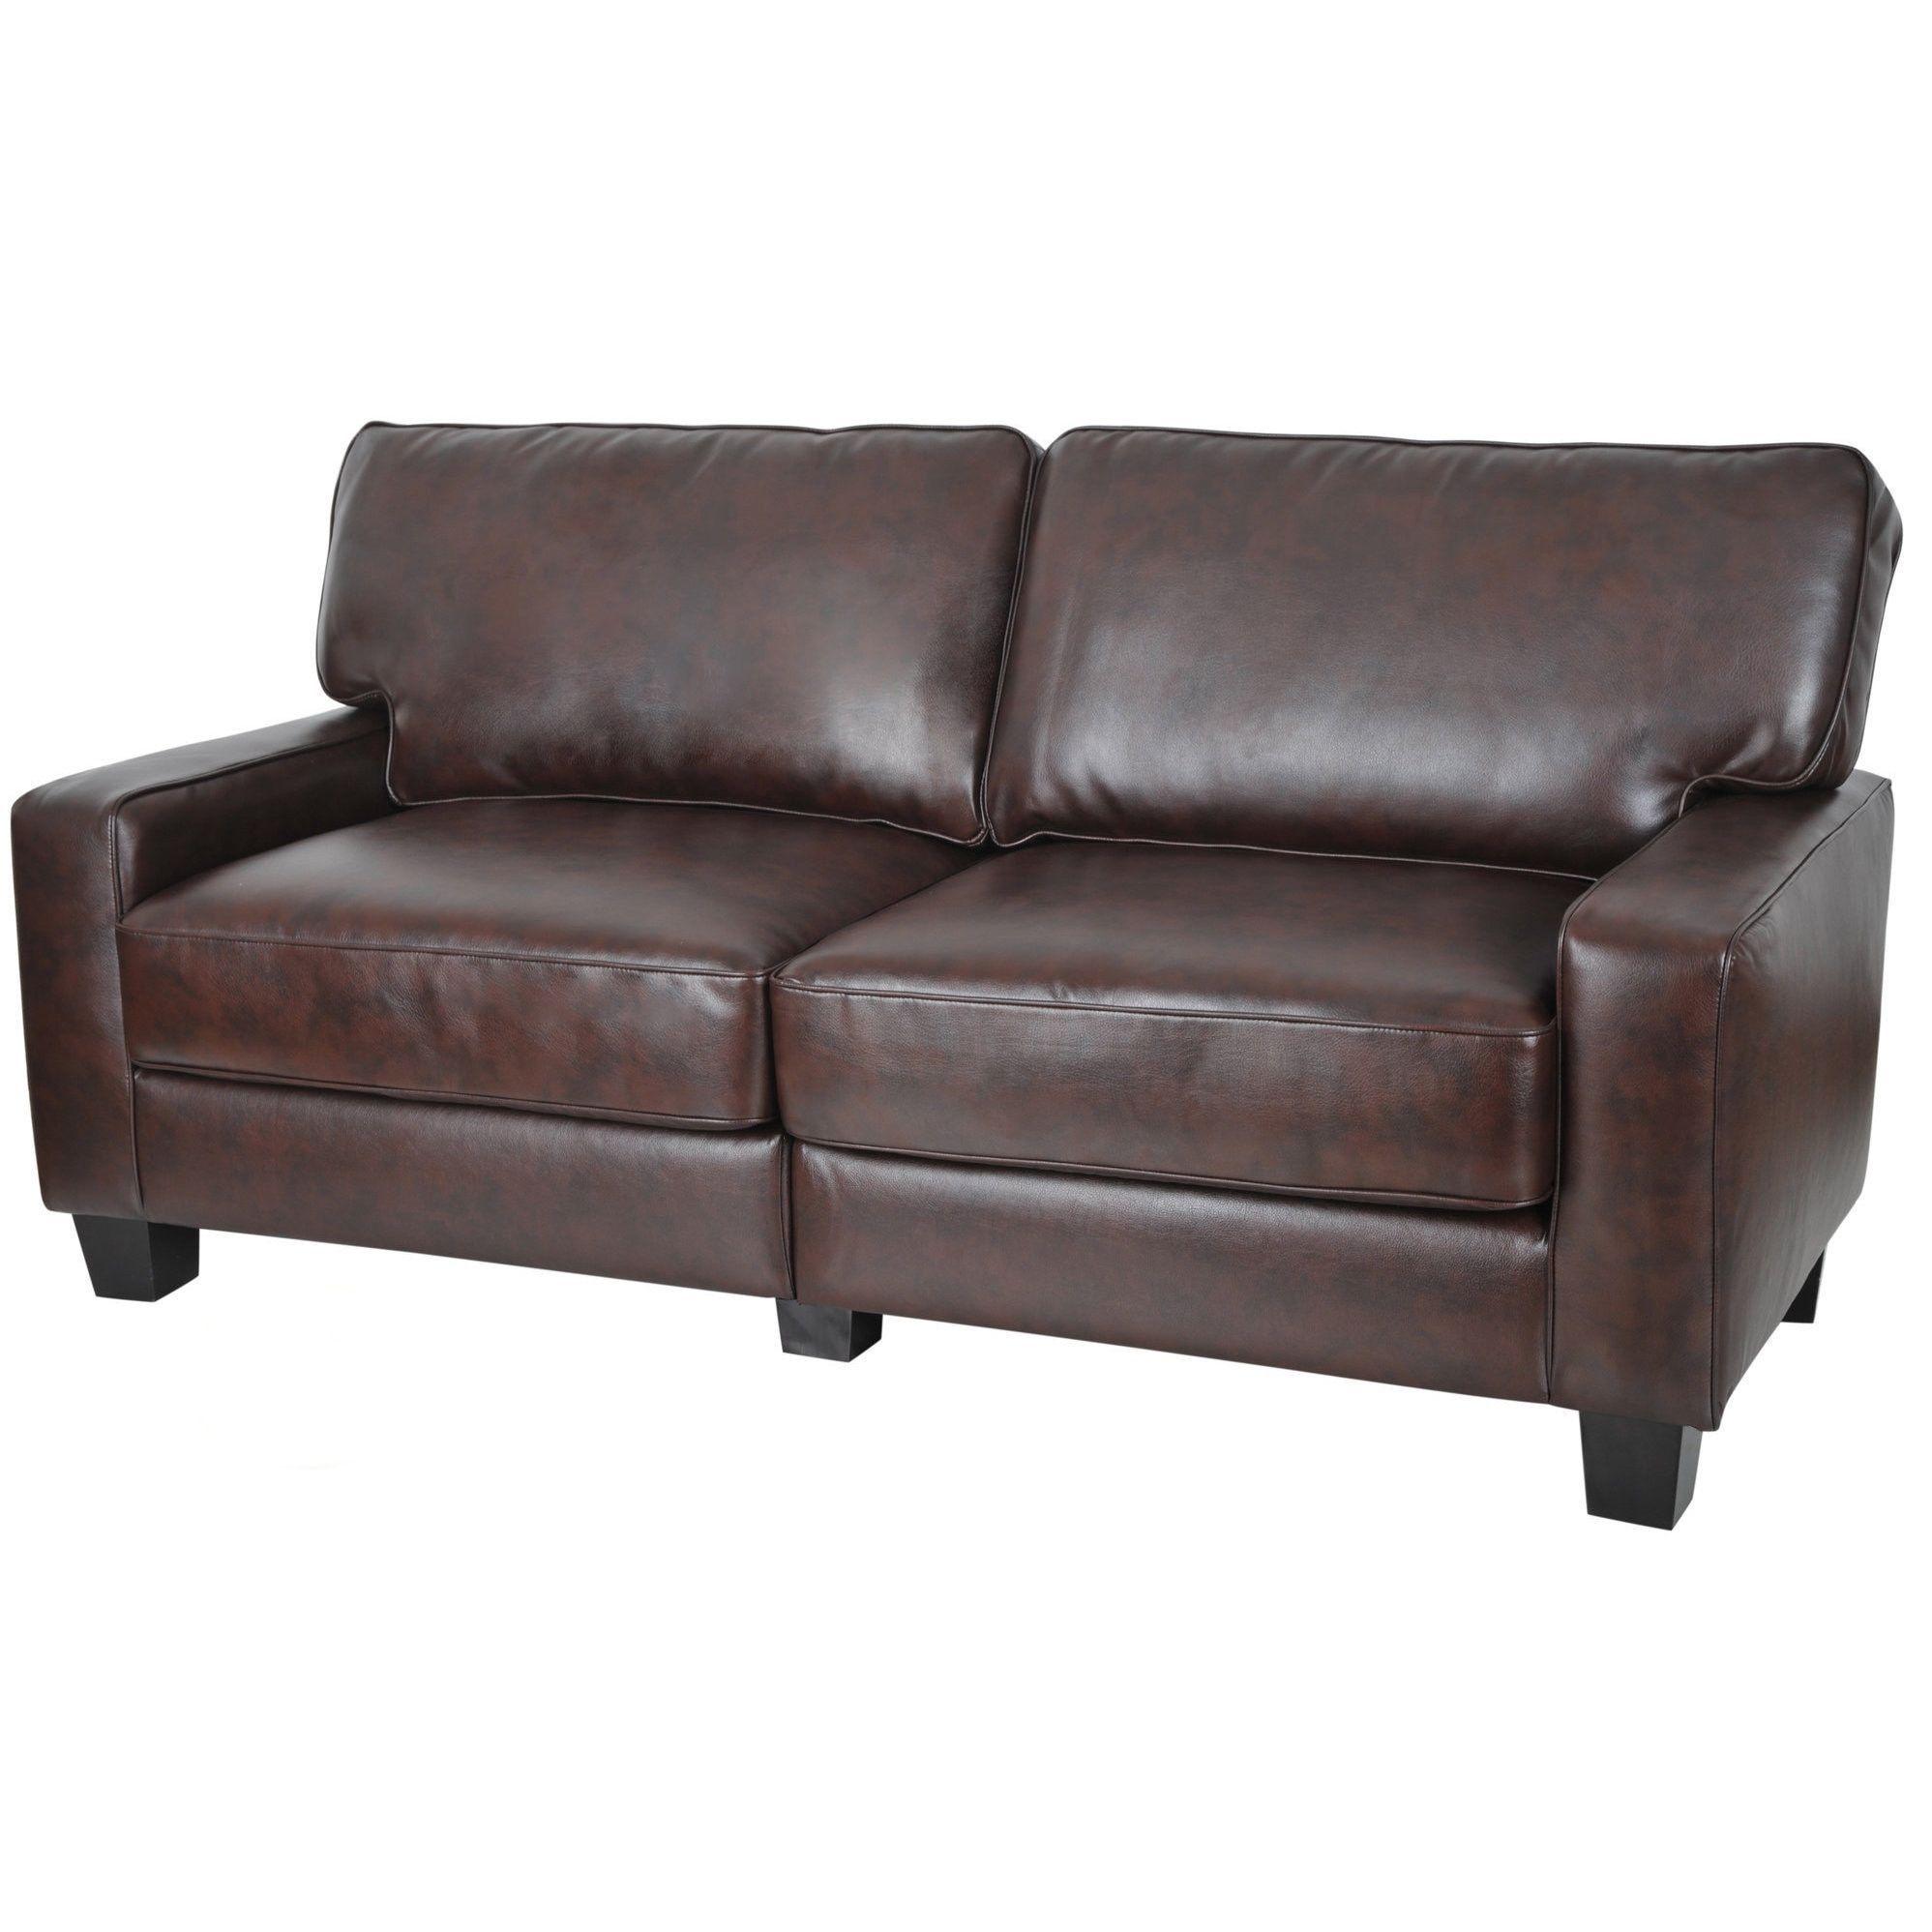 Serta Rta Monaco Collection 72 Inch Brown Leather Sofa Serta Monaco